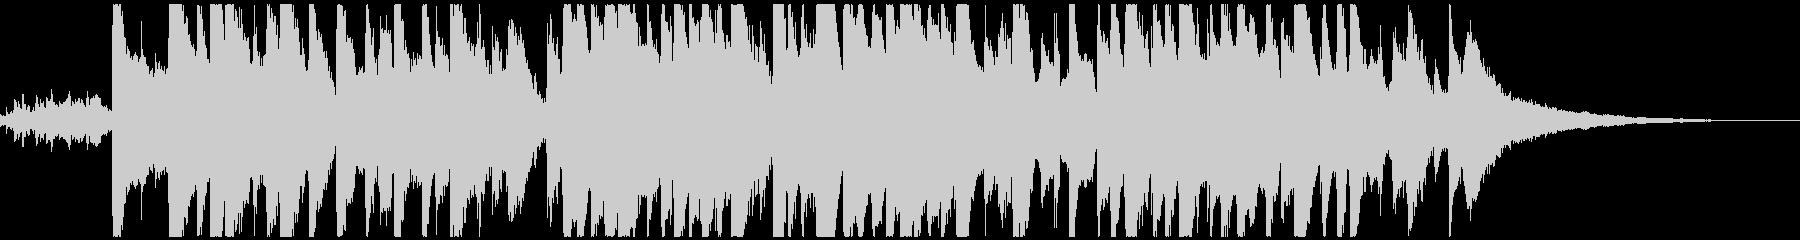 かわいい鉄琴メロの童謡「お正月」ボサノバの未再生の波形